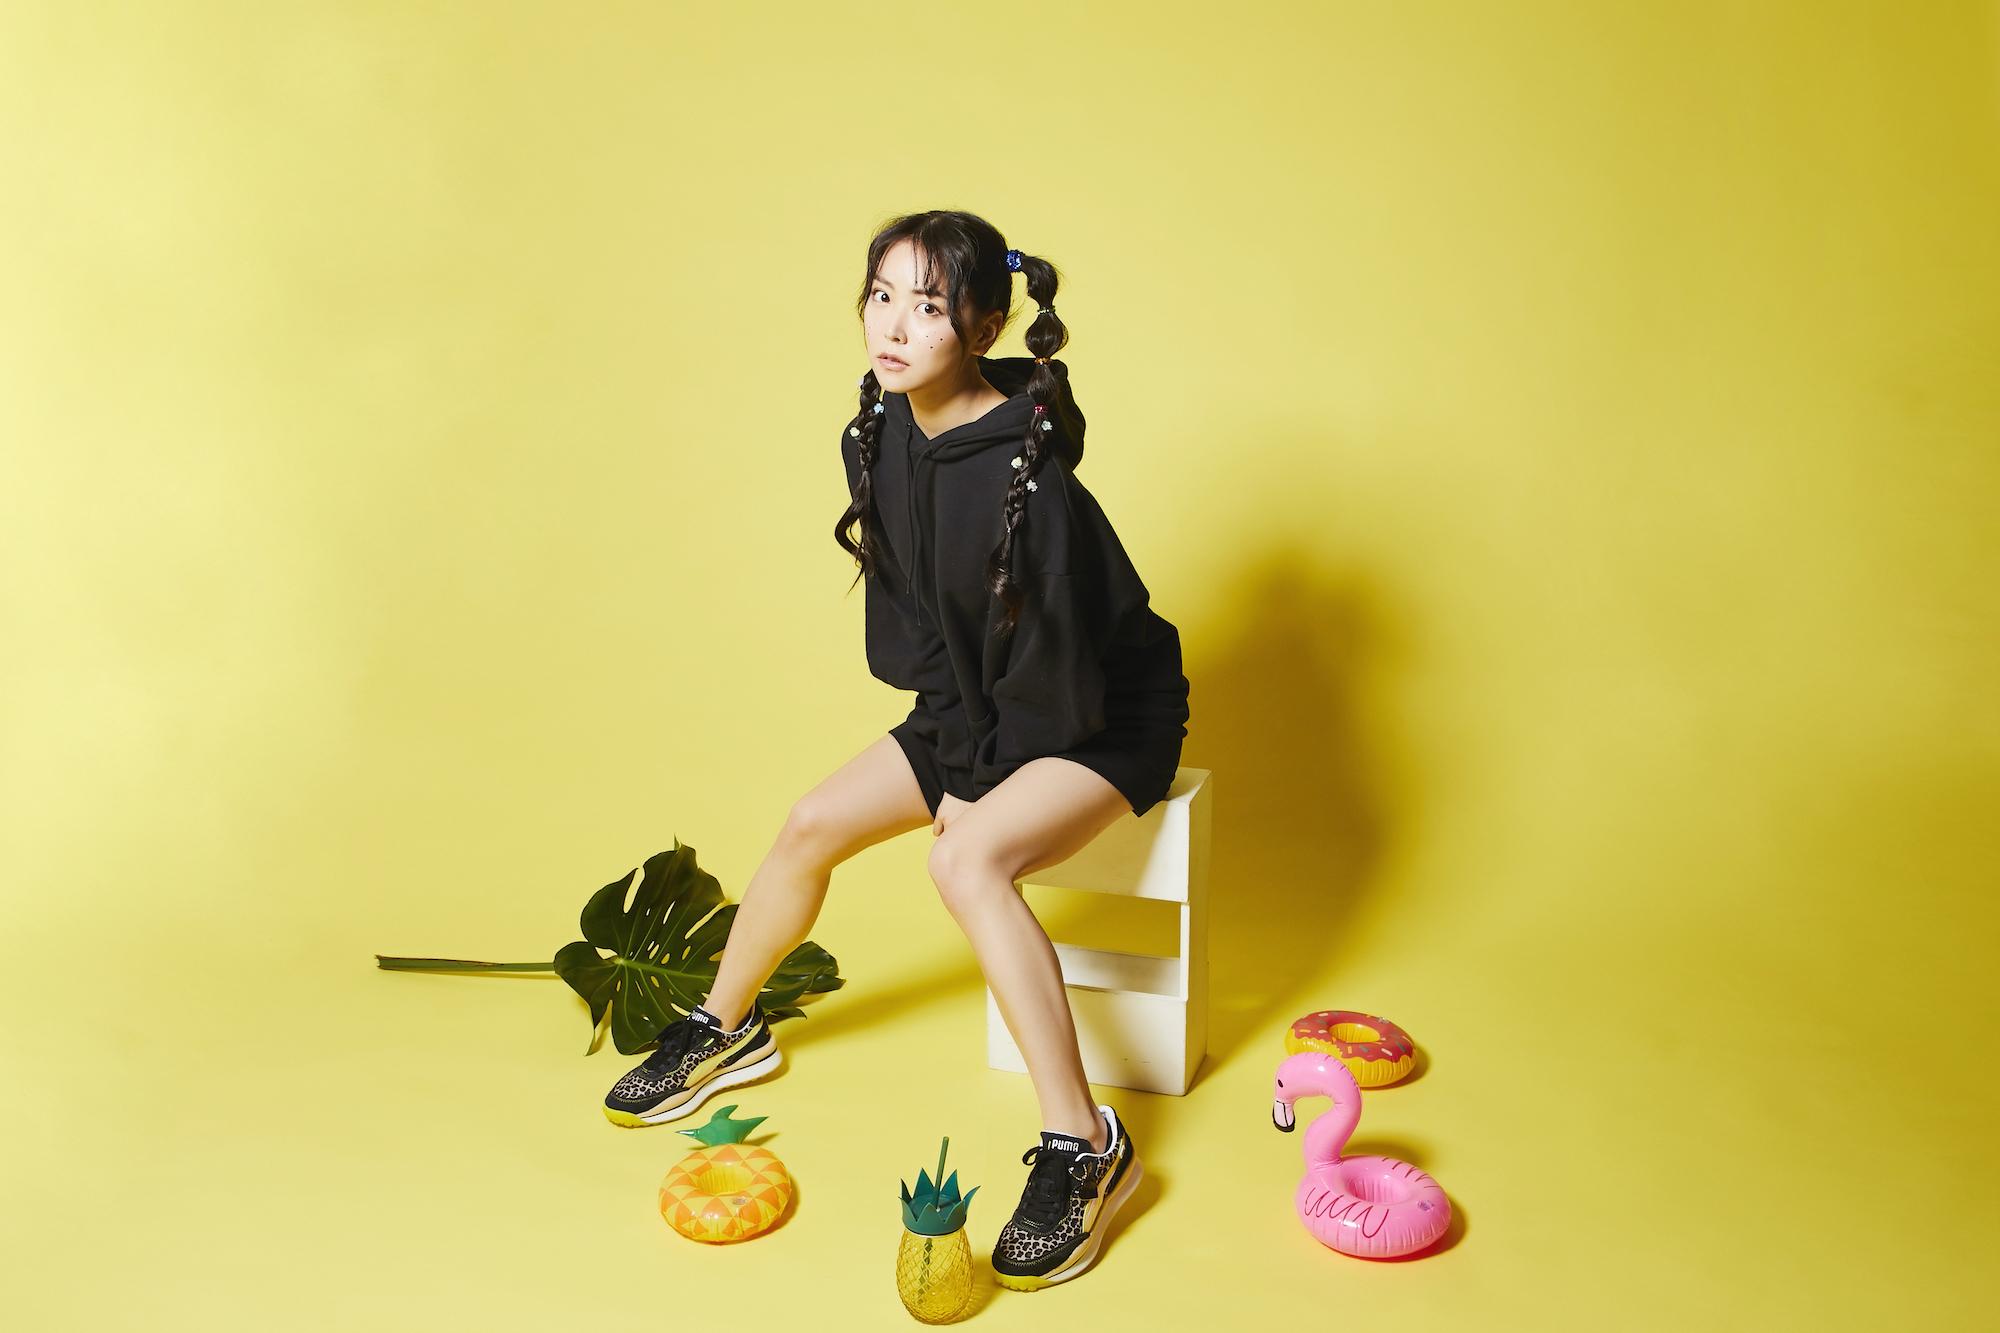 「白間美瑠(NMB48)」&「atmos pink」&「PUMA」のトリプルコラボレーションアイテム